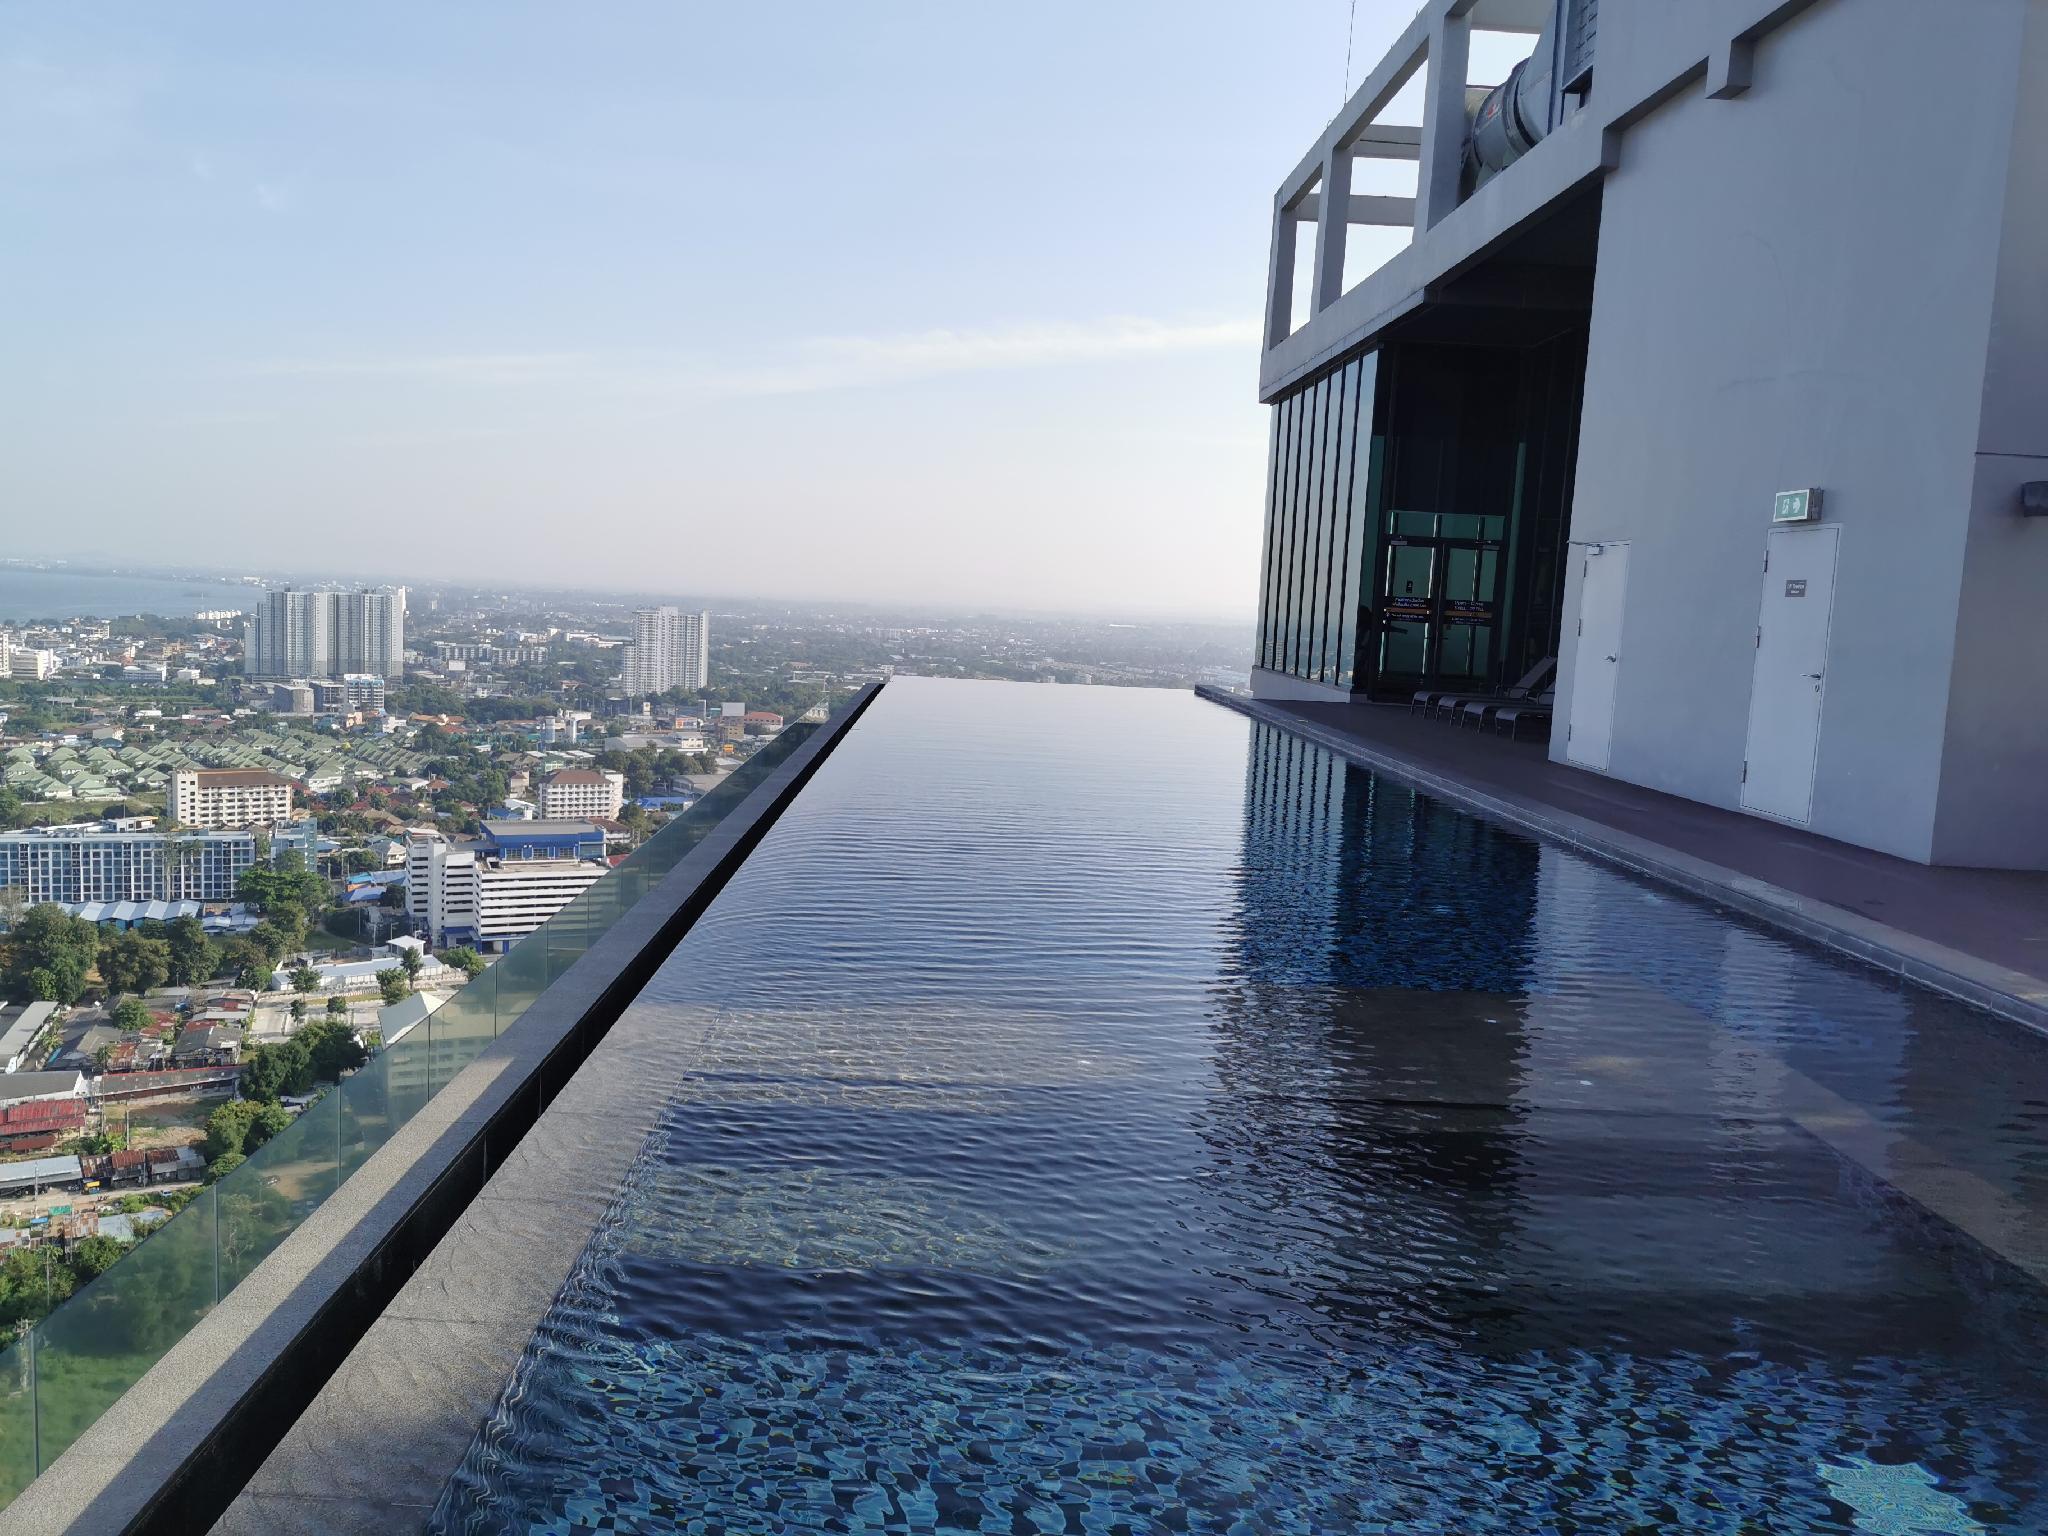 Pattaya Posh Condo Seaview Room อพาร์ตเมนต์ 1 ห้องนอน 1 ห้องน้ำส่วนตัว ขนาด 28 ตร.ม. – พัทยากลาง